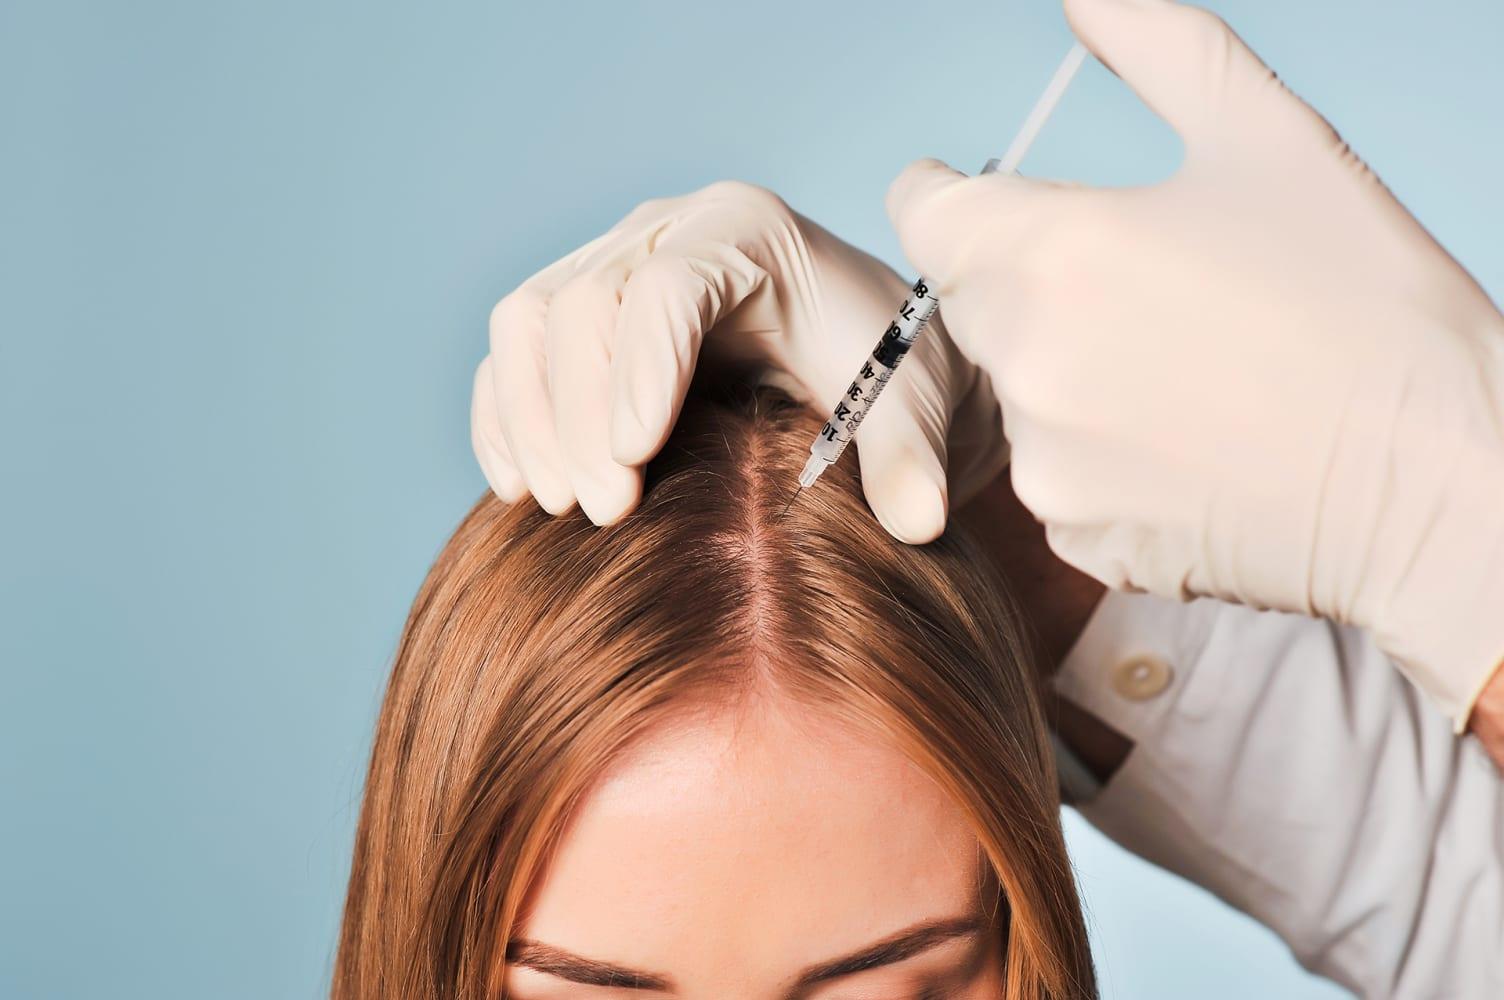 Показания мезотерапии кожи головы: принцип действия и эффективность процедуры